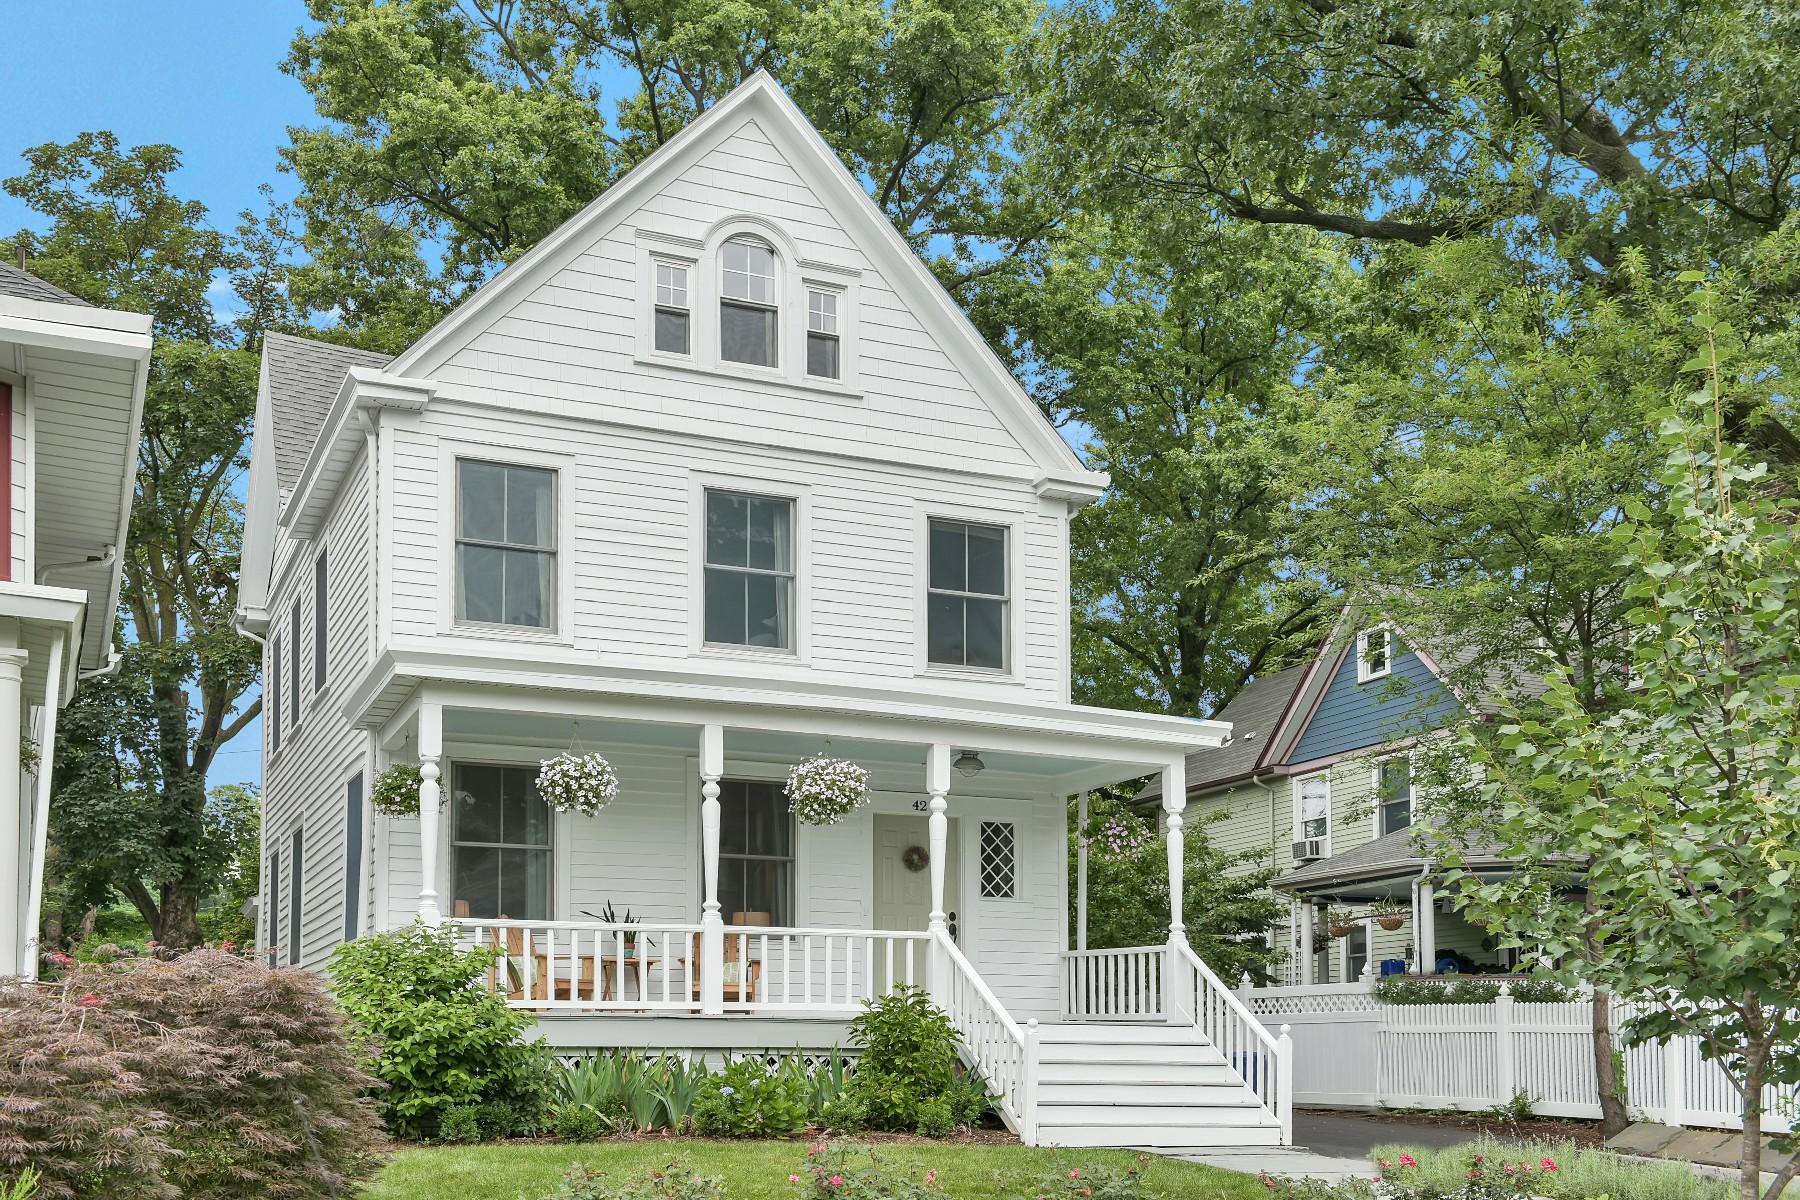 Maison unifamiliale pour l Vente à Chic Modern Farmhouse 42 Herman Street Glen Ridge, New Jersey 07028 États-Unis